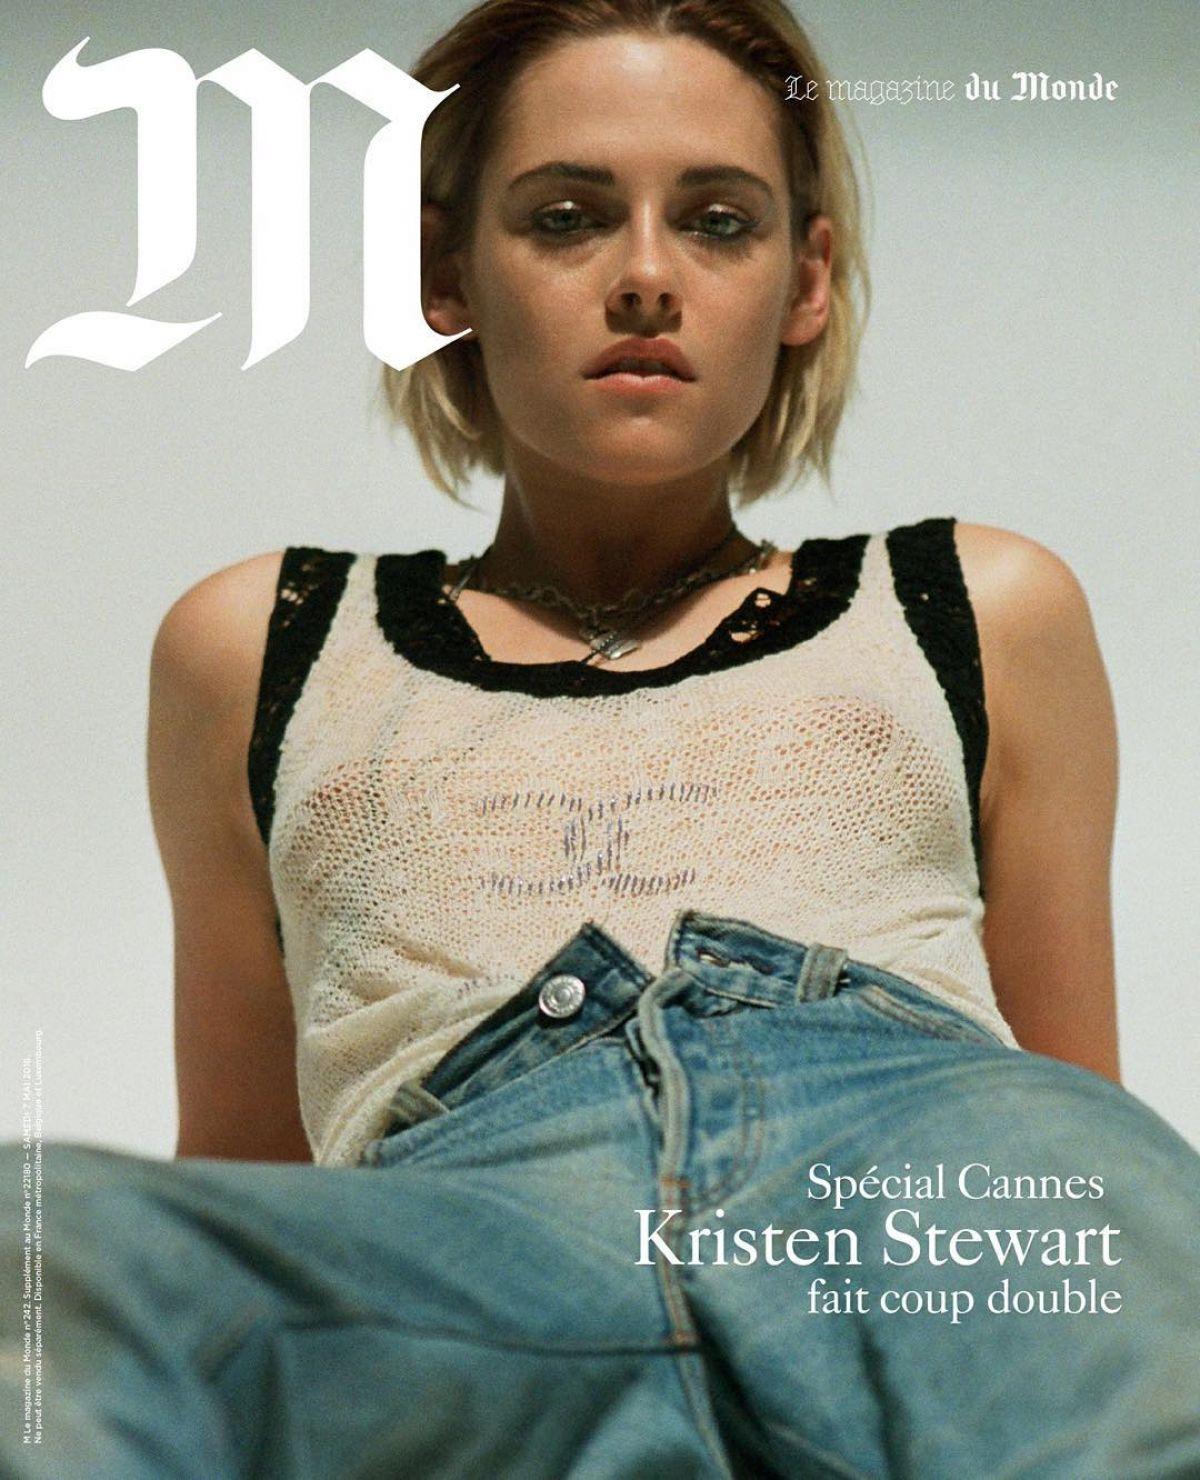 KRISTEN STEWART in M Magazine, Cannes Film Festival 2016 Edition